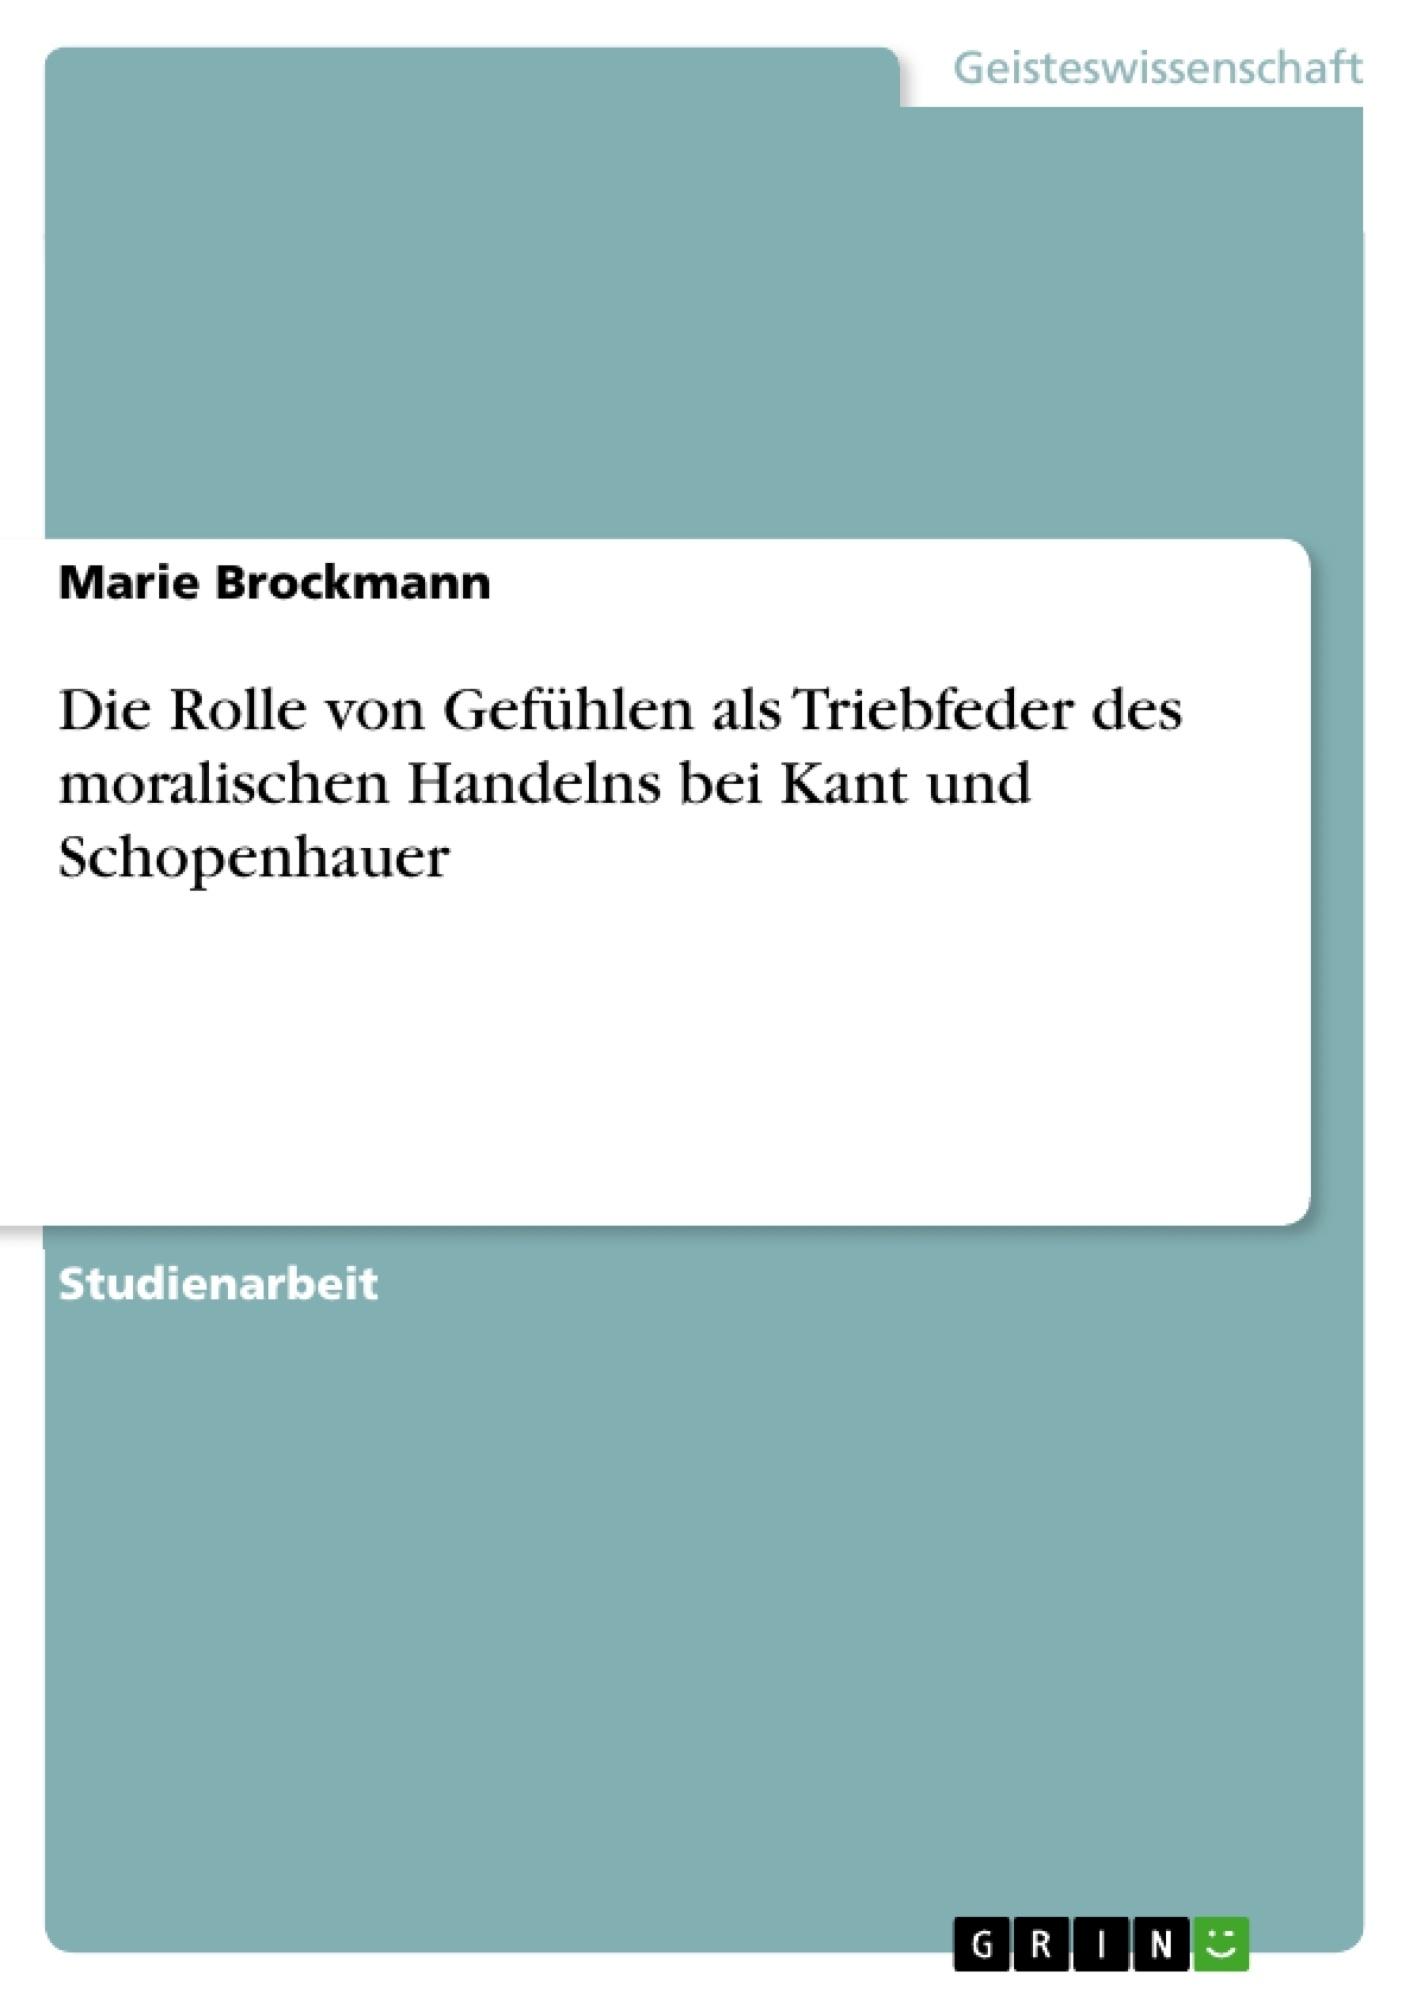 Titel: Die Rolle von Gefühlen als Triebfeder des moralischen Handelns bei Kant und Schopenhauer